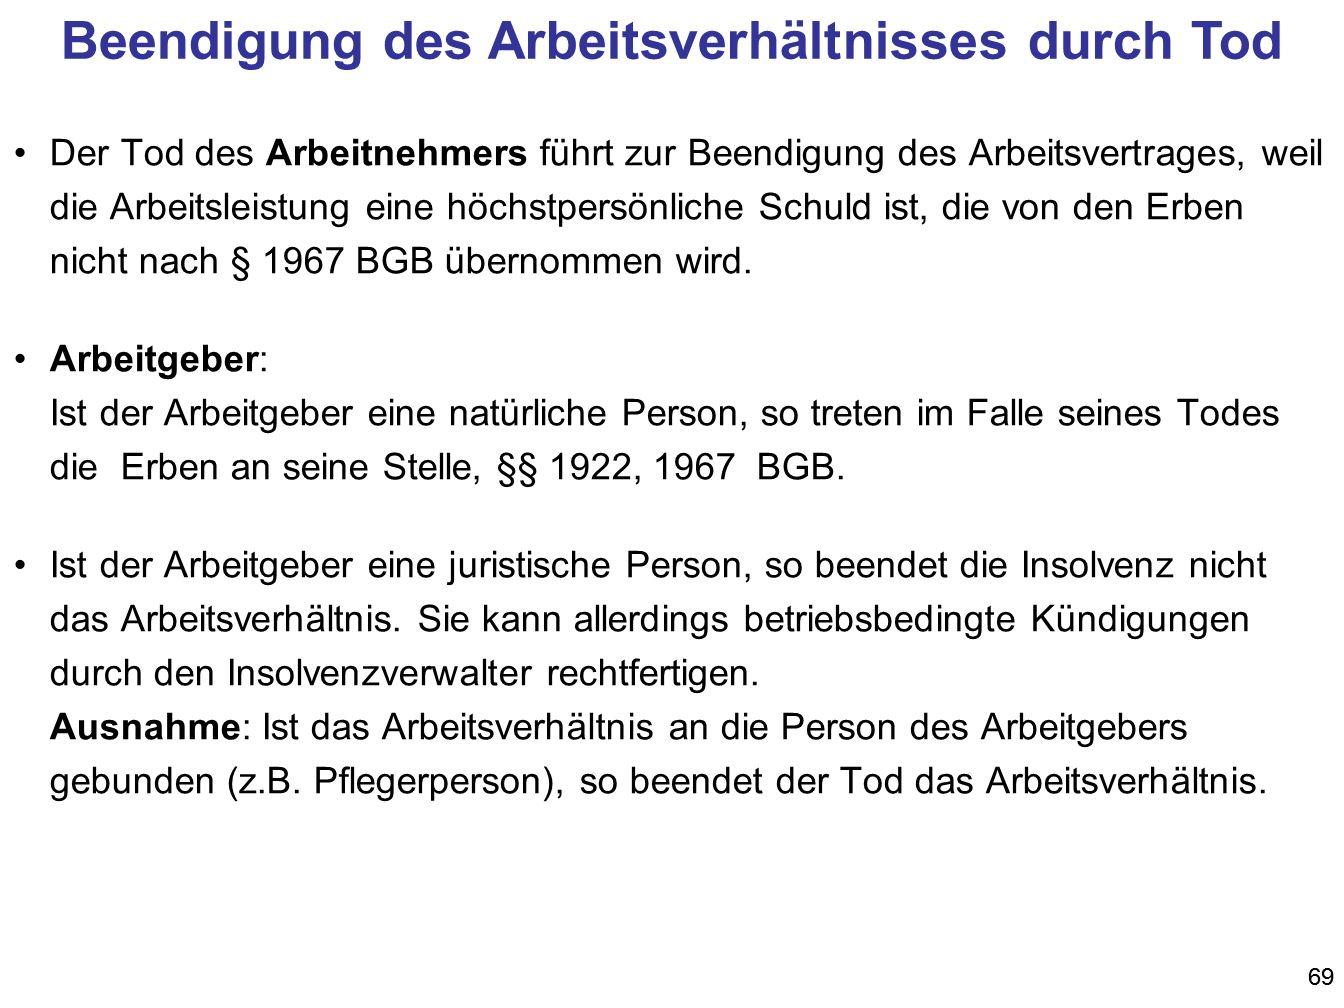 von Prof. Dr Klaus Schneider-Danwitz Hinweise zur ...  von Prof. Dr Kl...